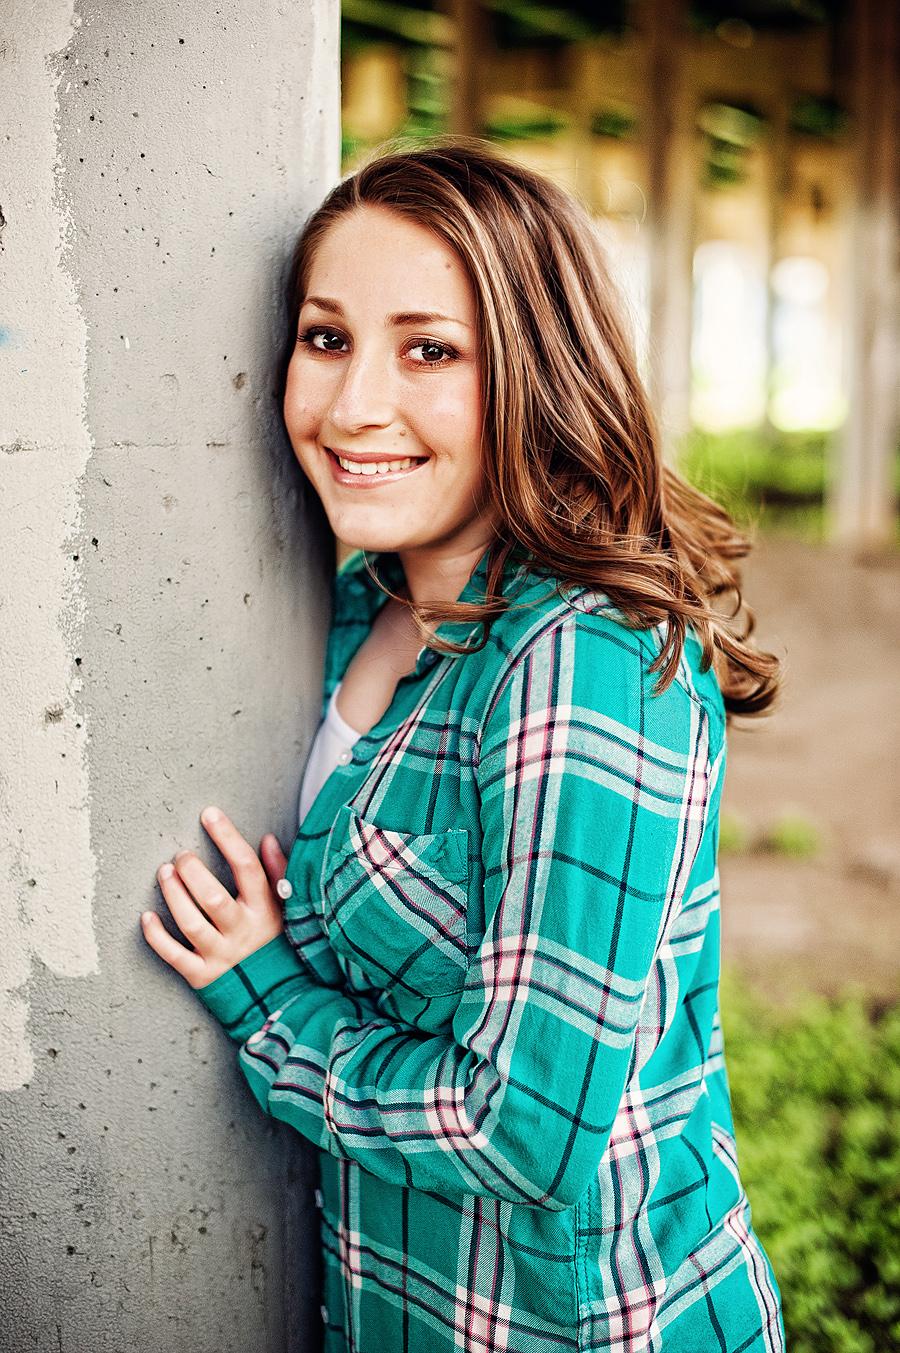 Julie Delgado Photography